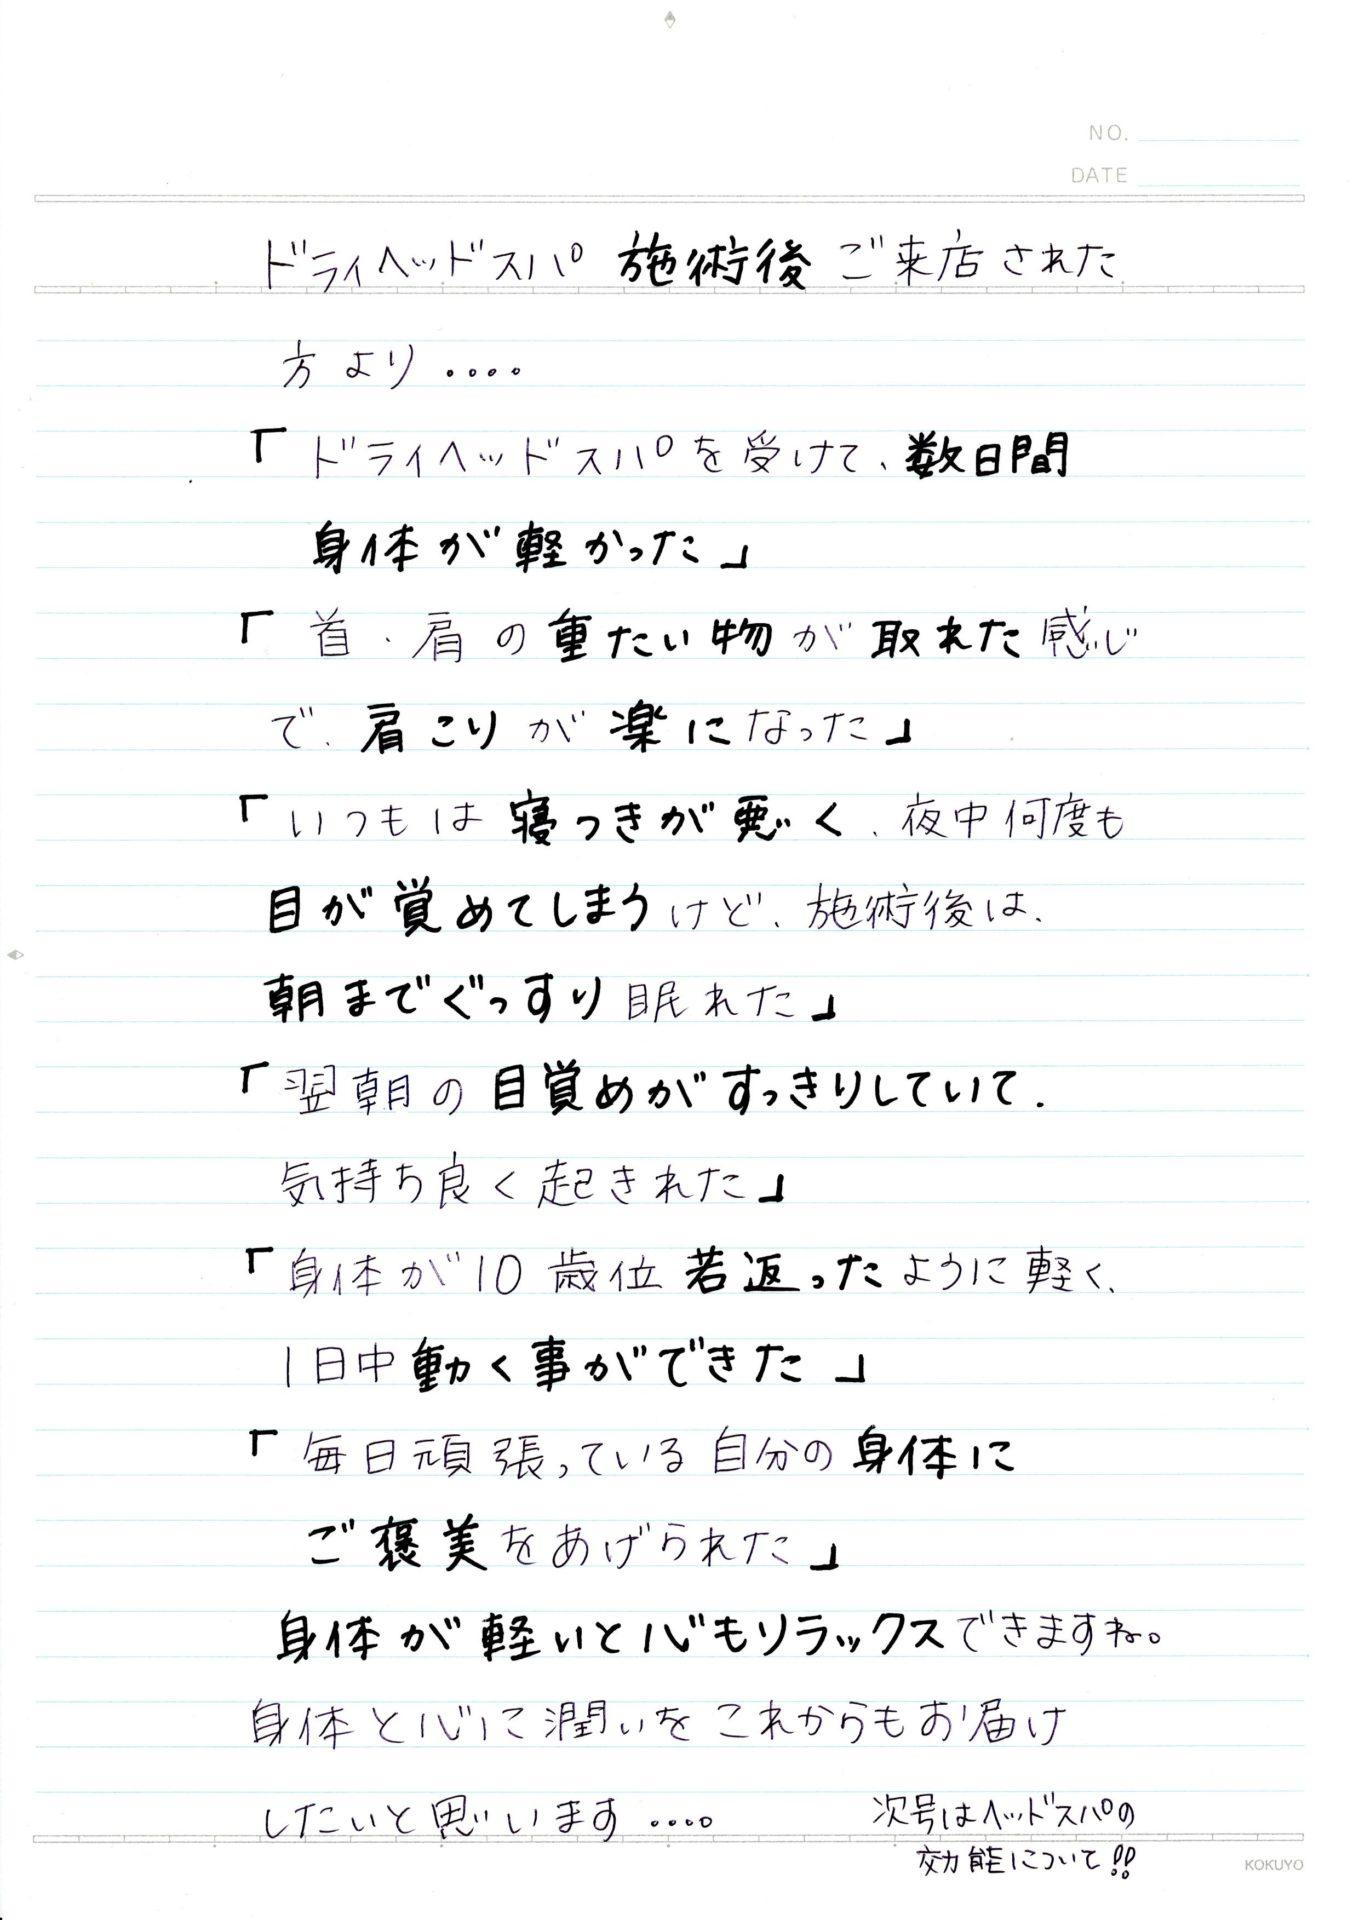 Lovy新聞 ドライヘッドスパ誕生秘話8